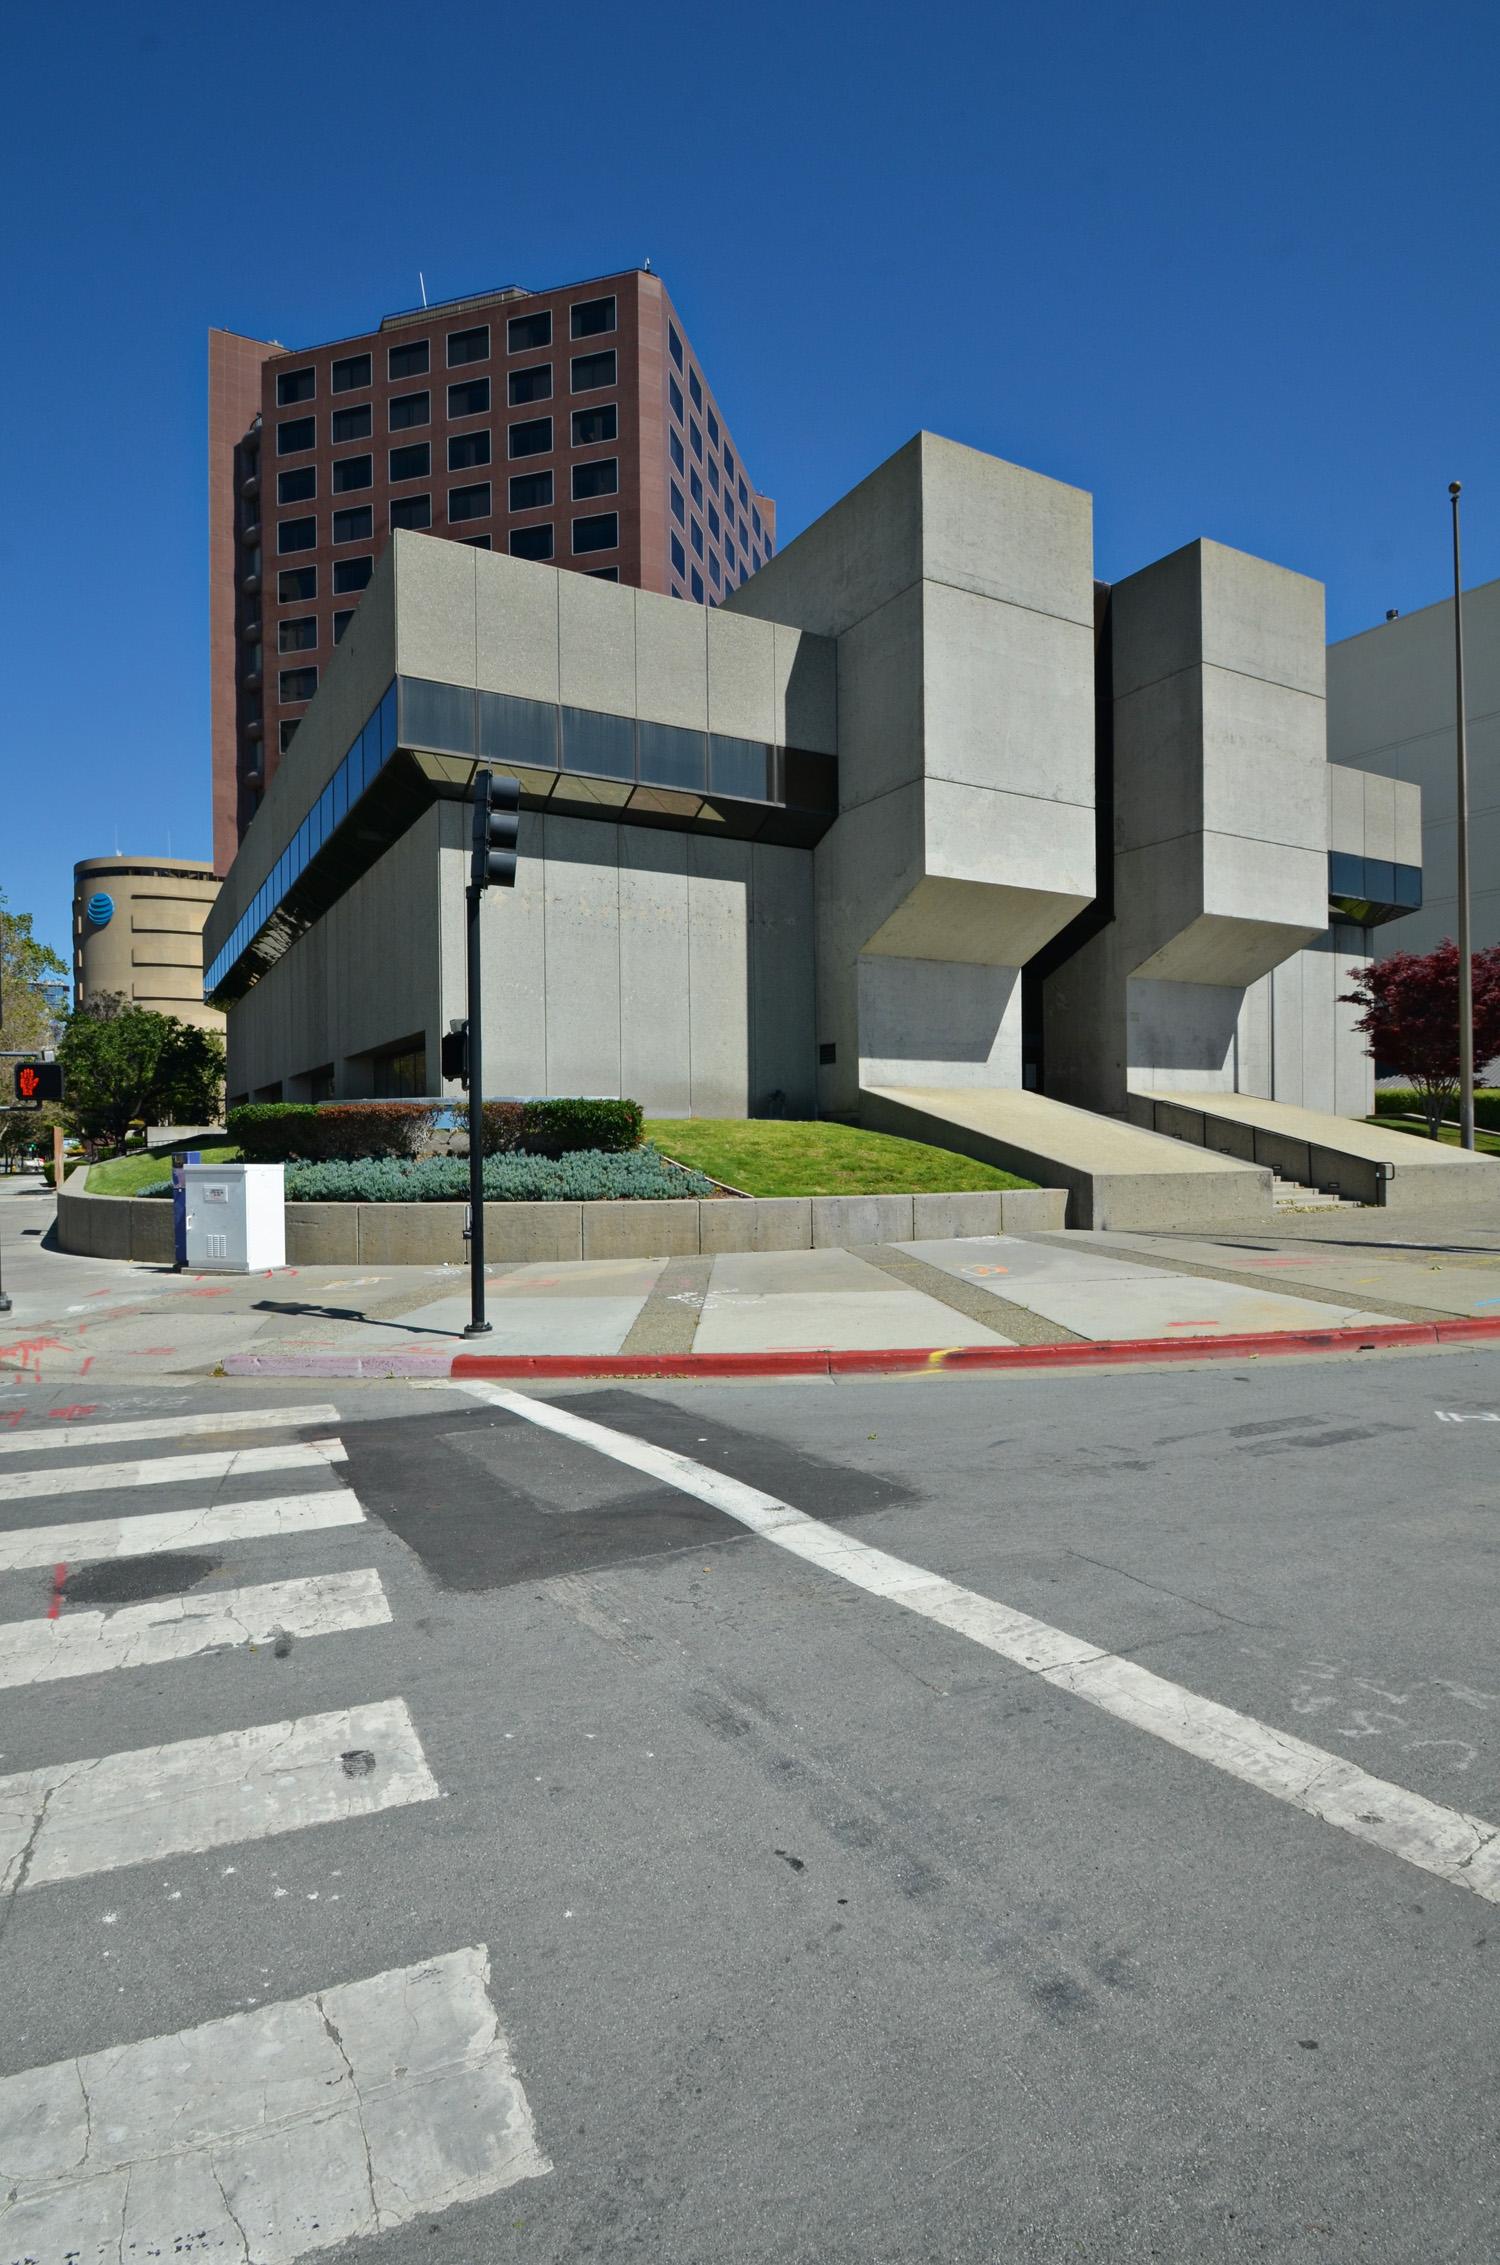 Bank of California, San Jose, CA, USA, 1973. Foto e courtesy Ben Leech / Preservation Action Council of San Jose